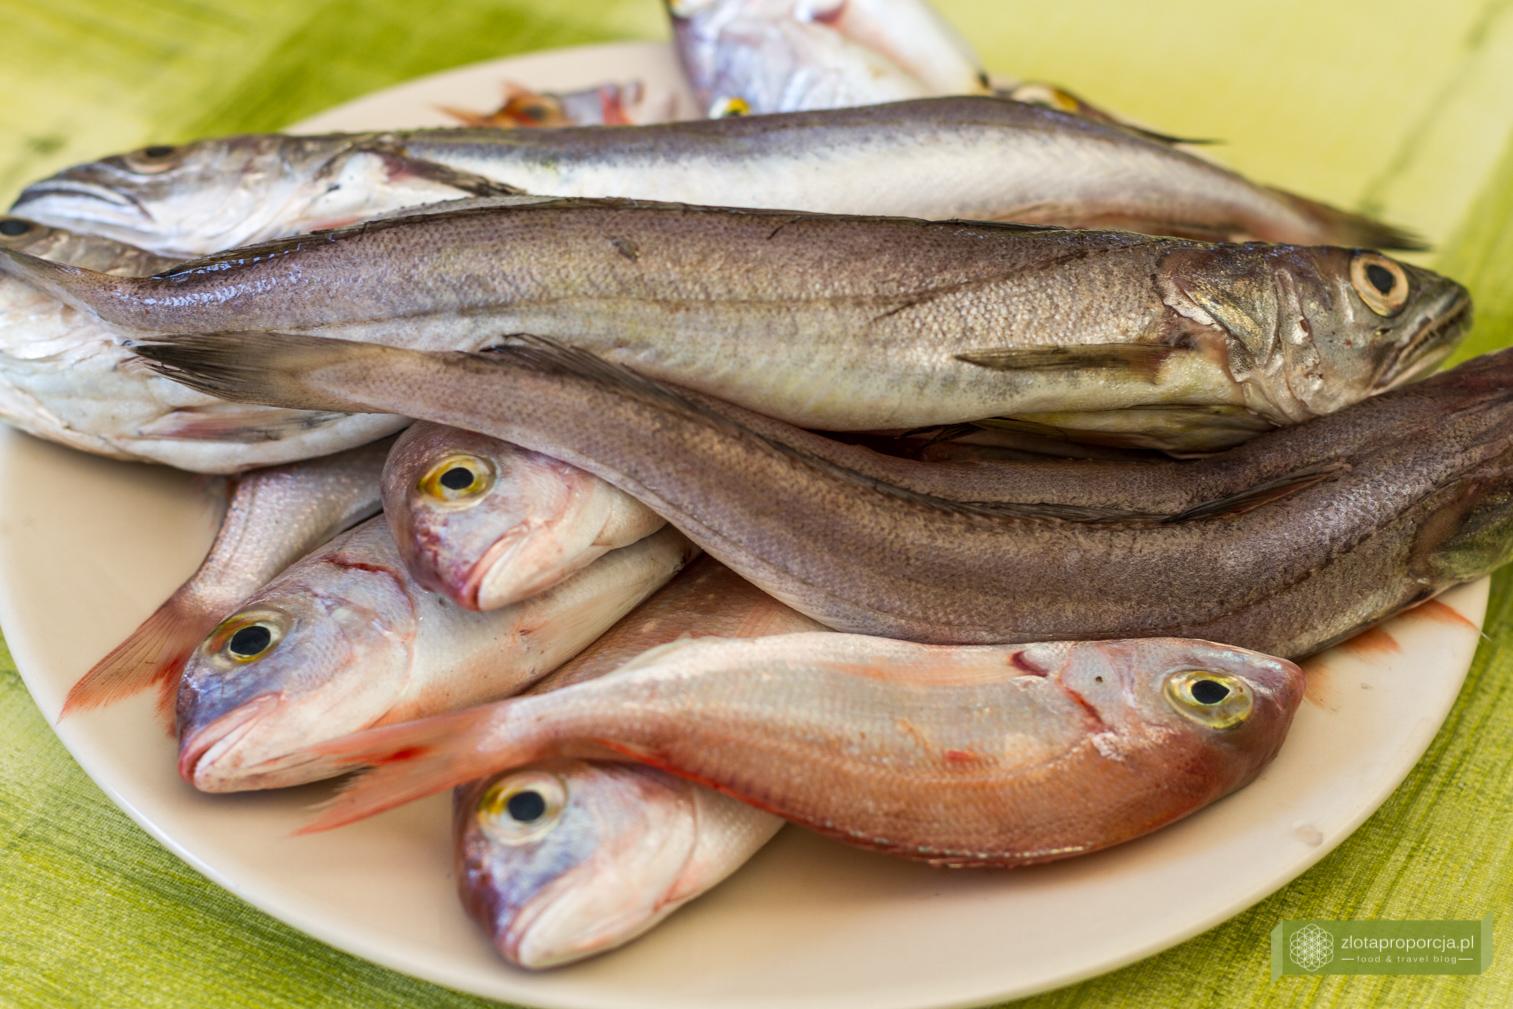 kuchnia chorwacka, kuchnia Istrii, Istria, co zjeść na Istrii